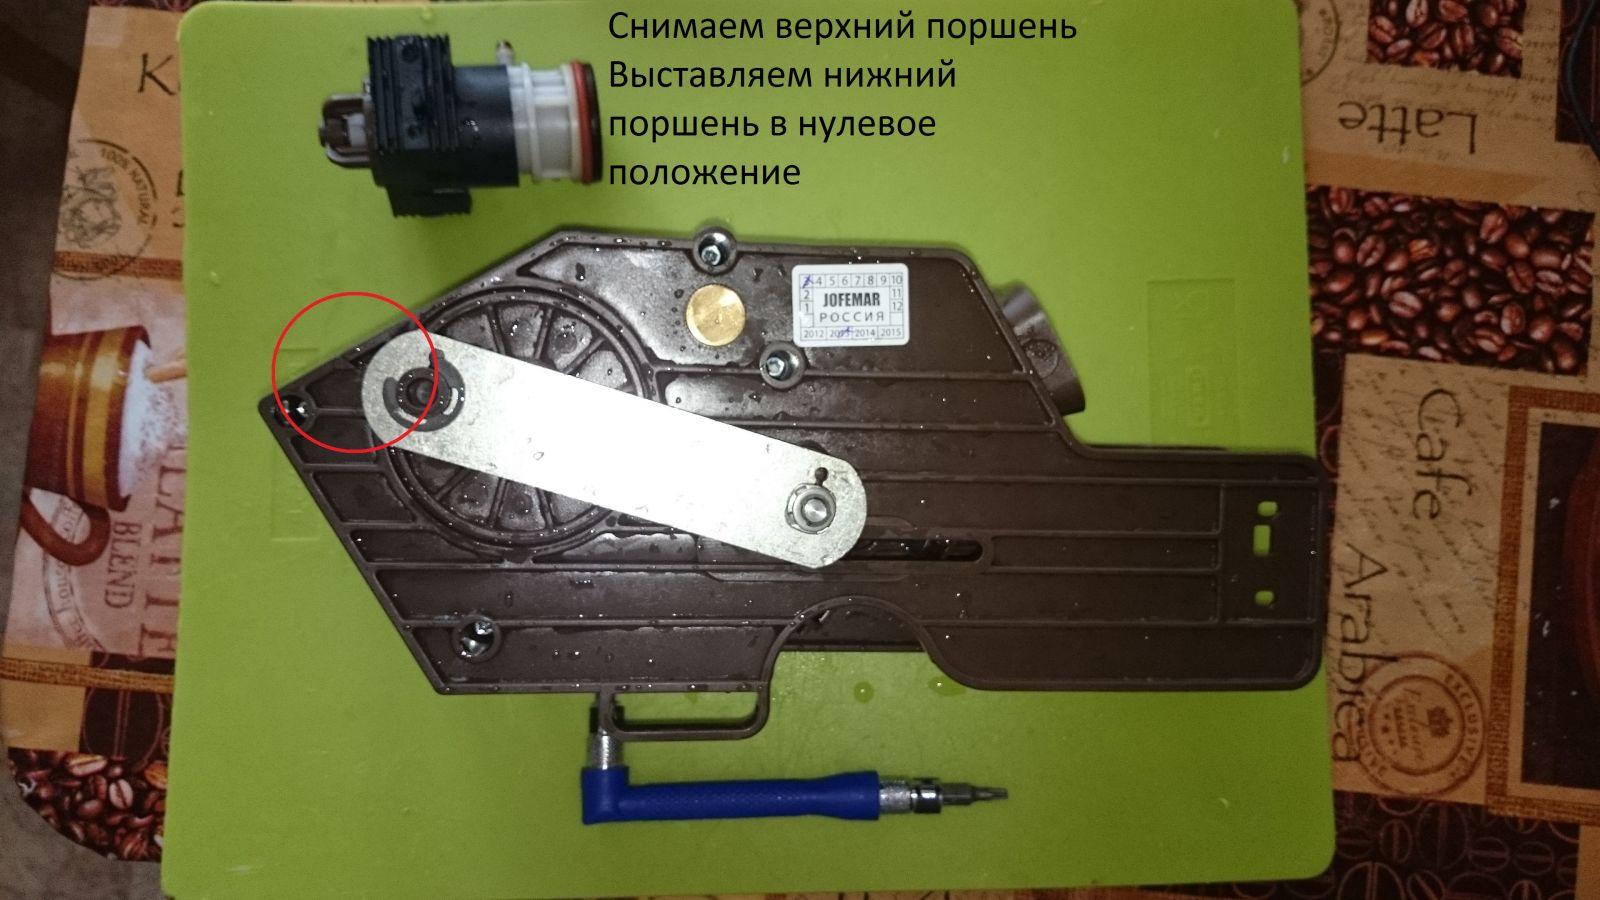 JofKV 2